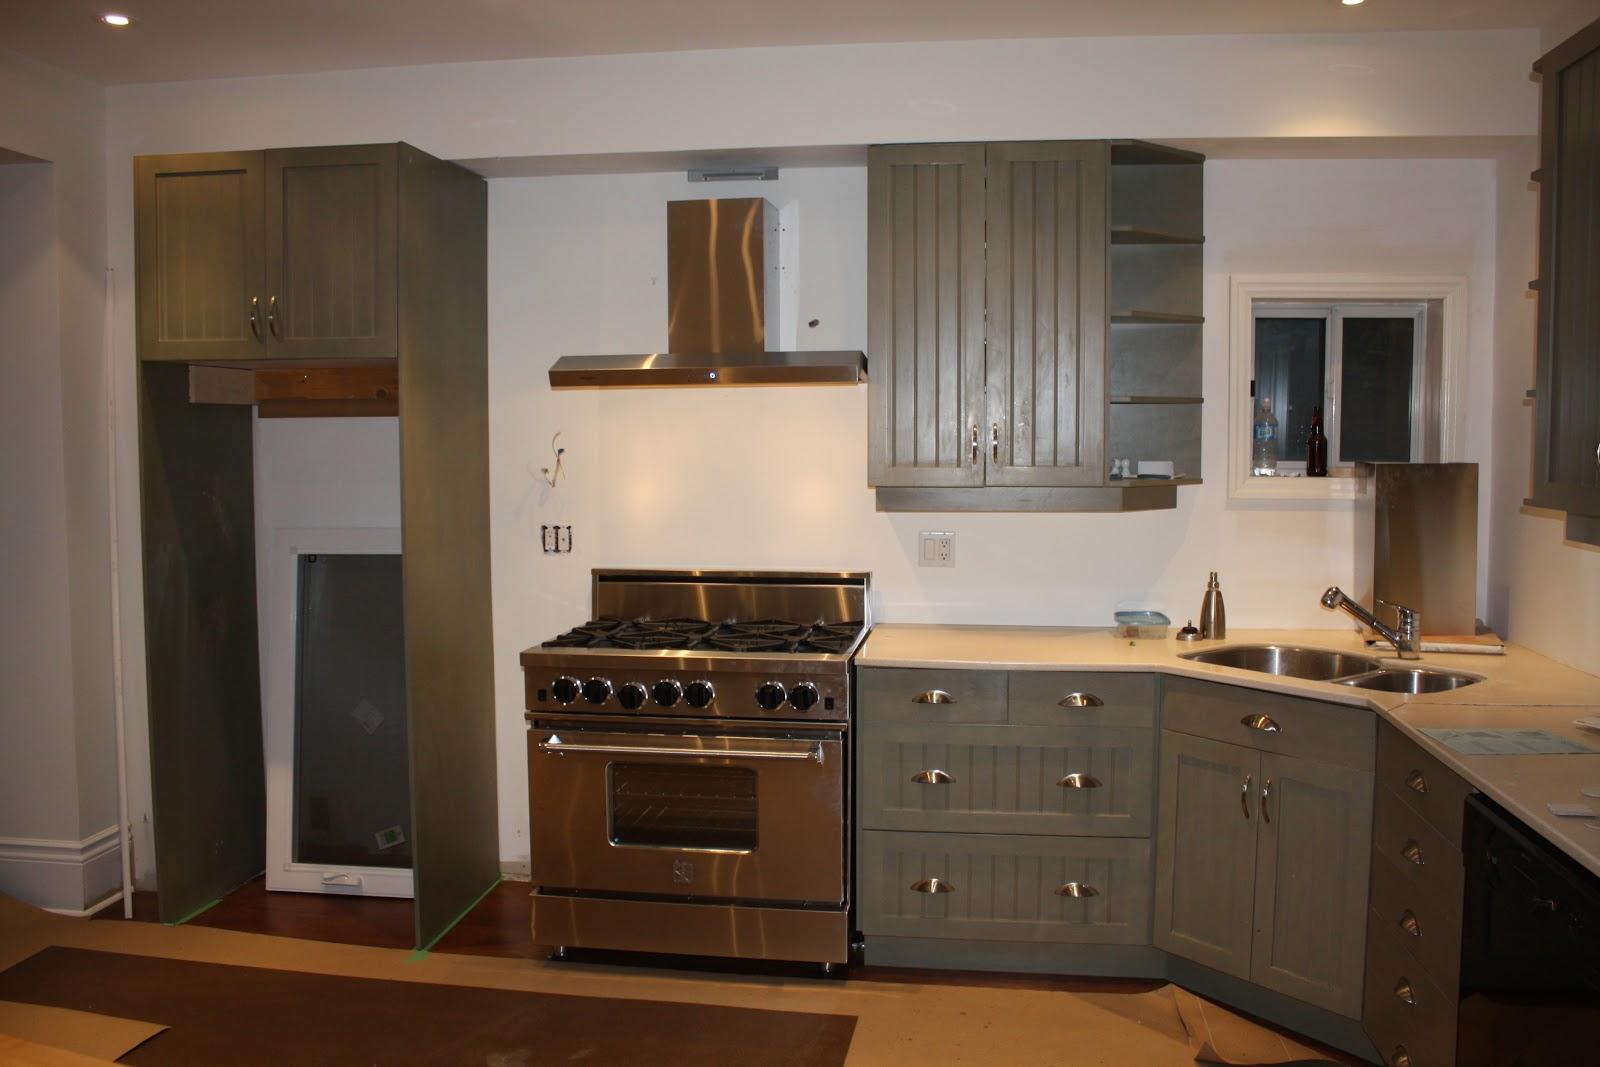 Duwest reno the kitchen sink for Corner cooktop designs kitchen